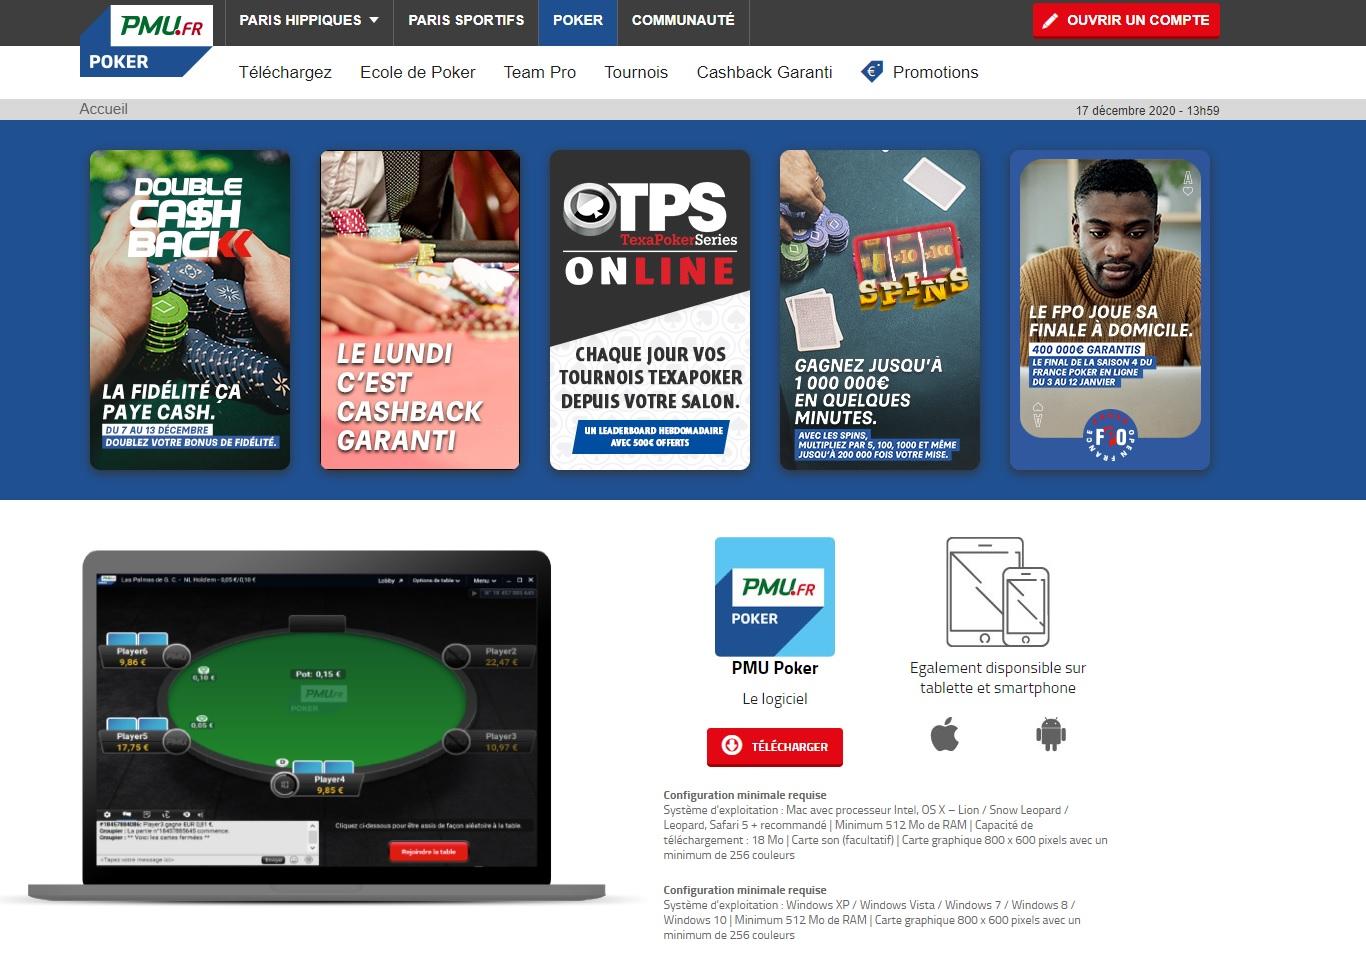 Bonus Poker PMU